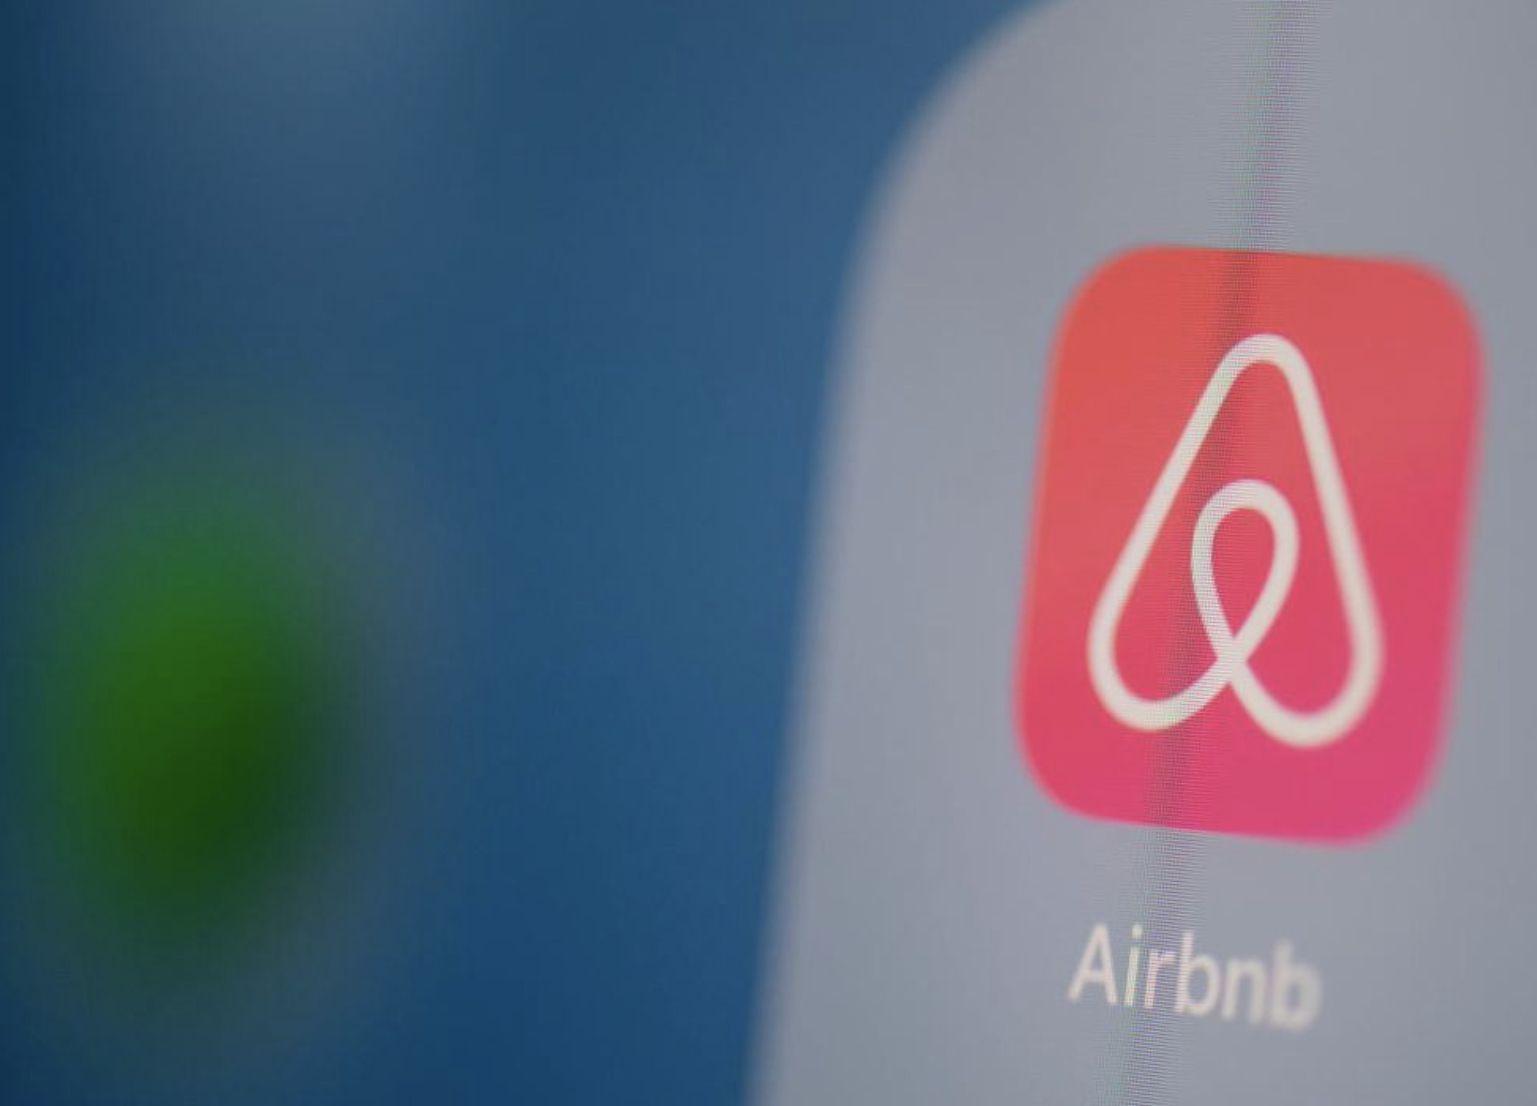 定了!多伦多Airbnb法规正式通过!5千套住房将回归长租房市场